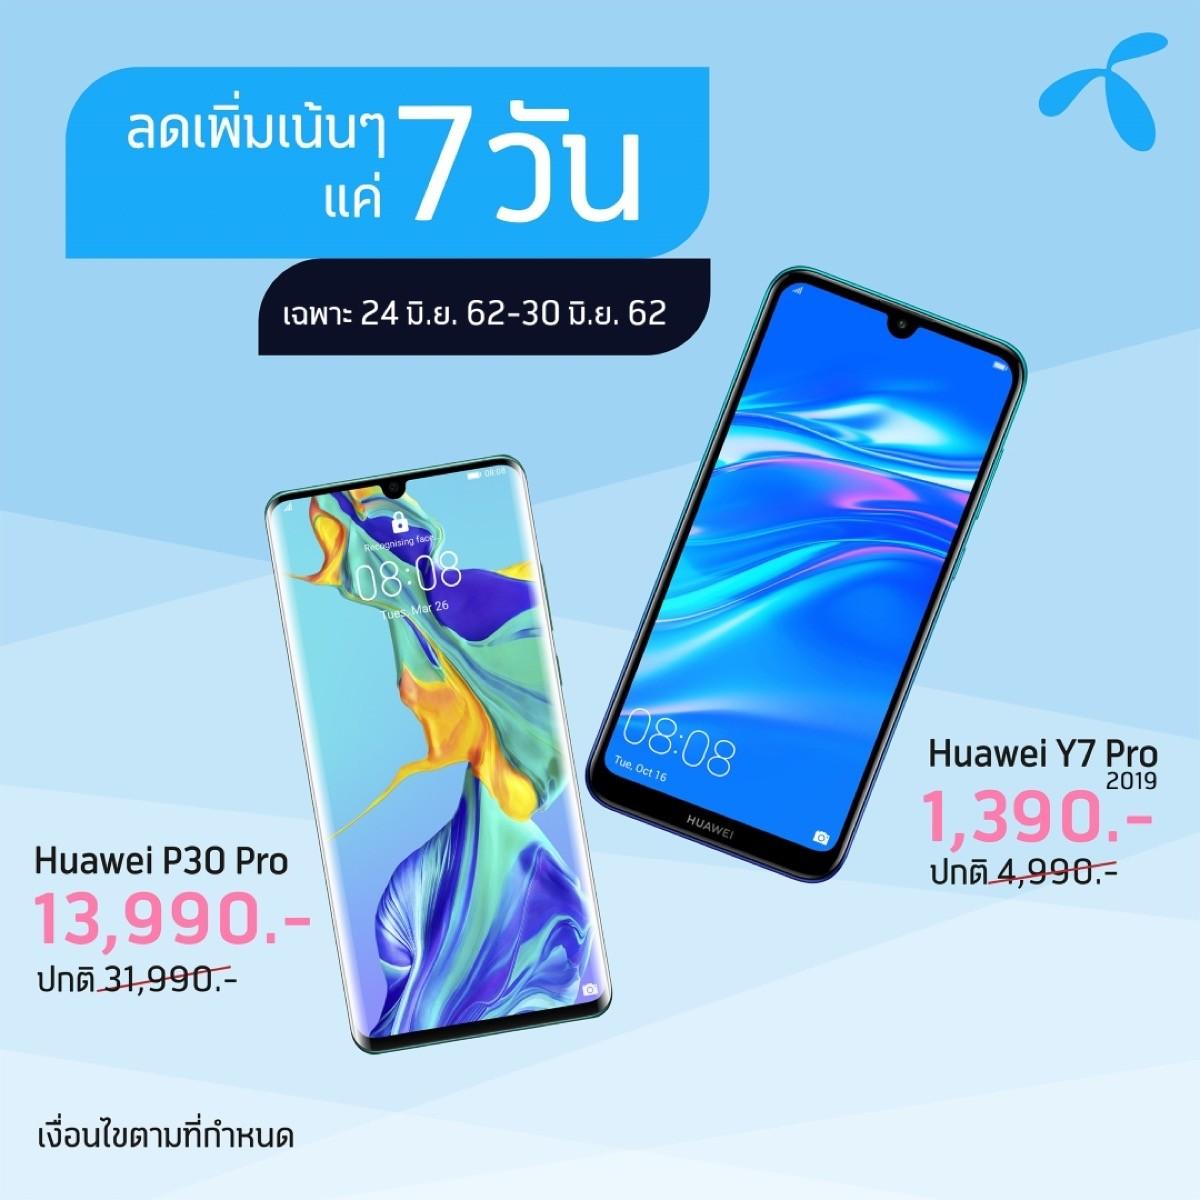 ล้ำหน้าโชว์ โปรฯ พิเศษ ส่วนลดจาก 3 โอเปอเรเตอร์ Huawei Y7 Pro 2019, Y5 lite และ P30 Pro Huawei Y7 Pro 2019 Huawei Y5 lite HUAWEI P30 Pro huawei